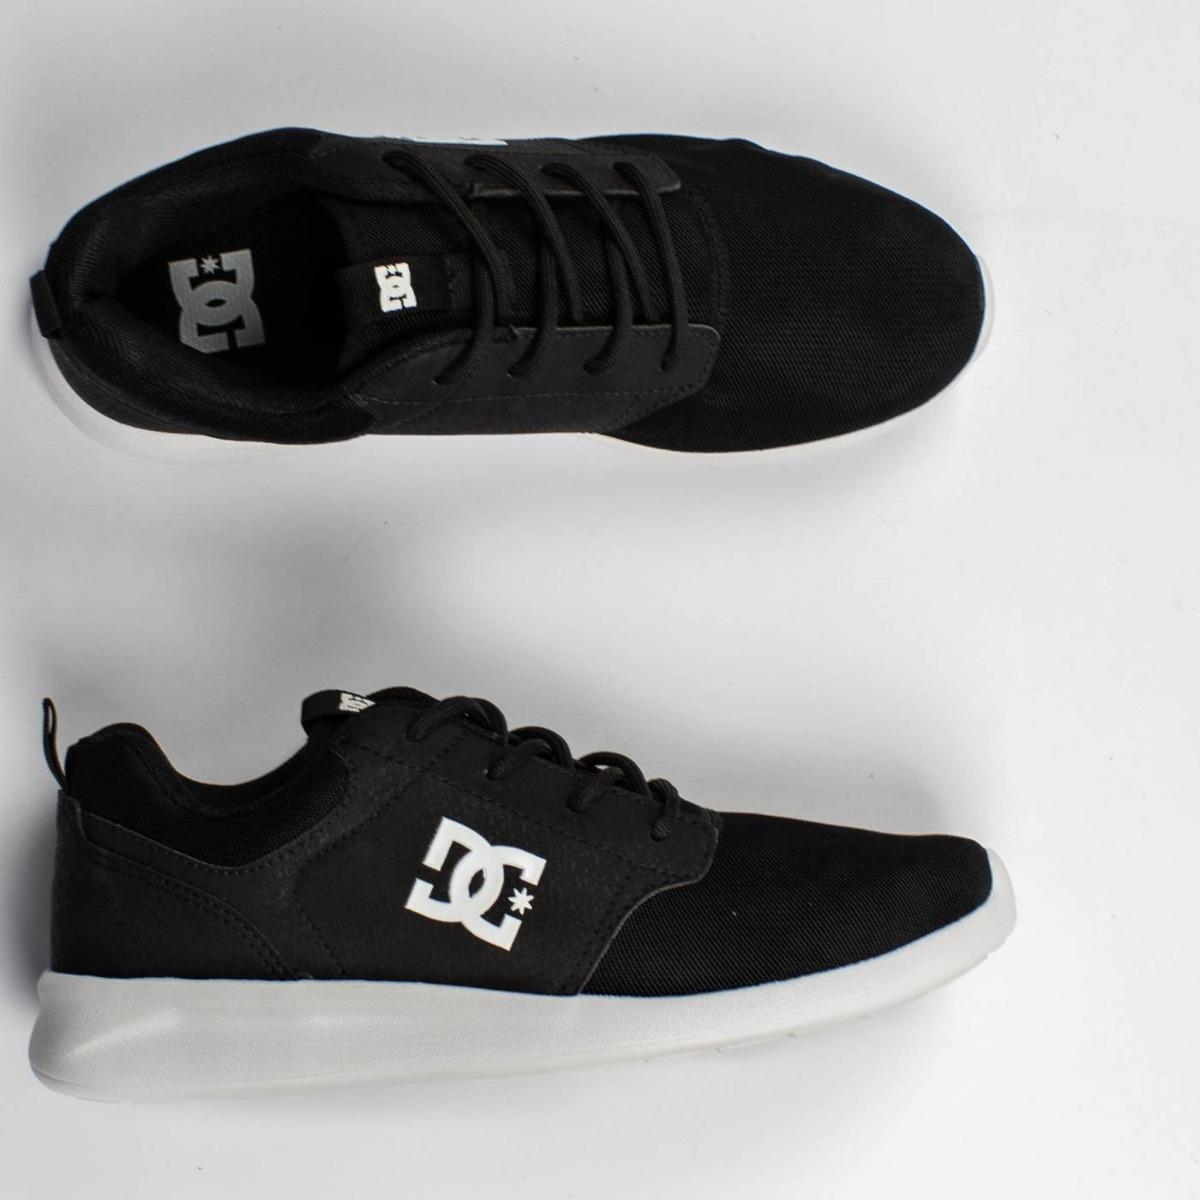 7e2533a581 tênis dc shoes midway sn preto branco original. Carregando zoom.